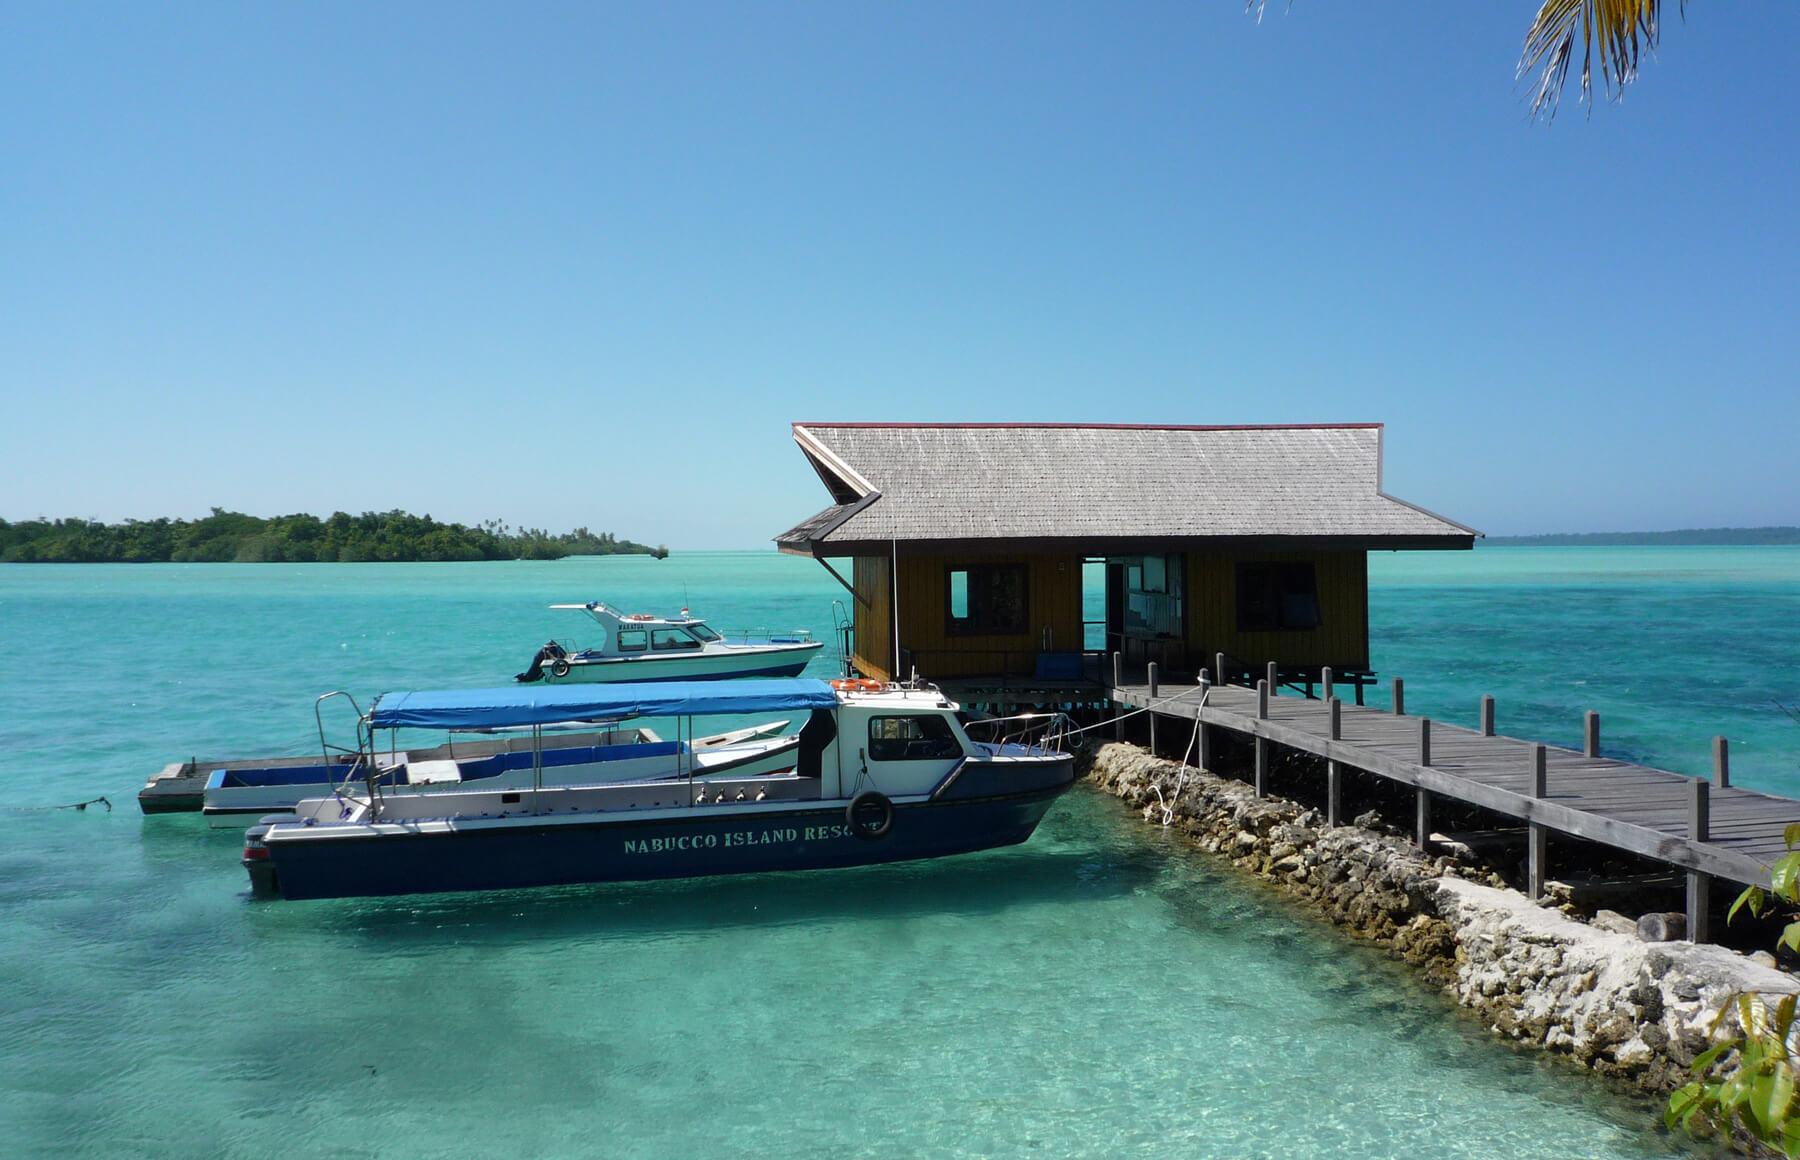 Anlegestelle für Boote im Nabucco Island Resort